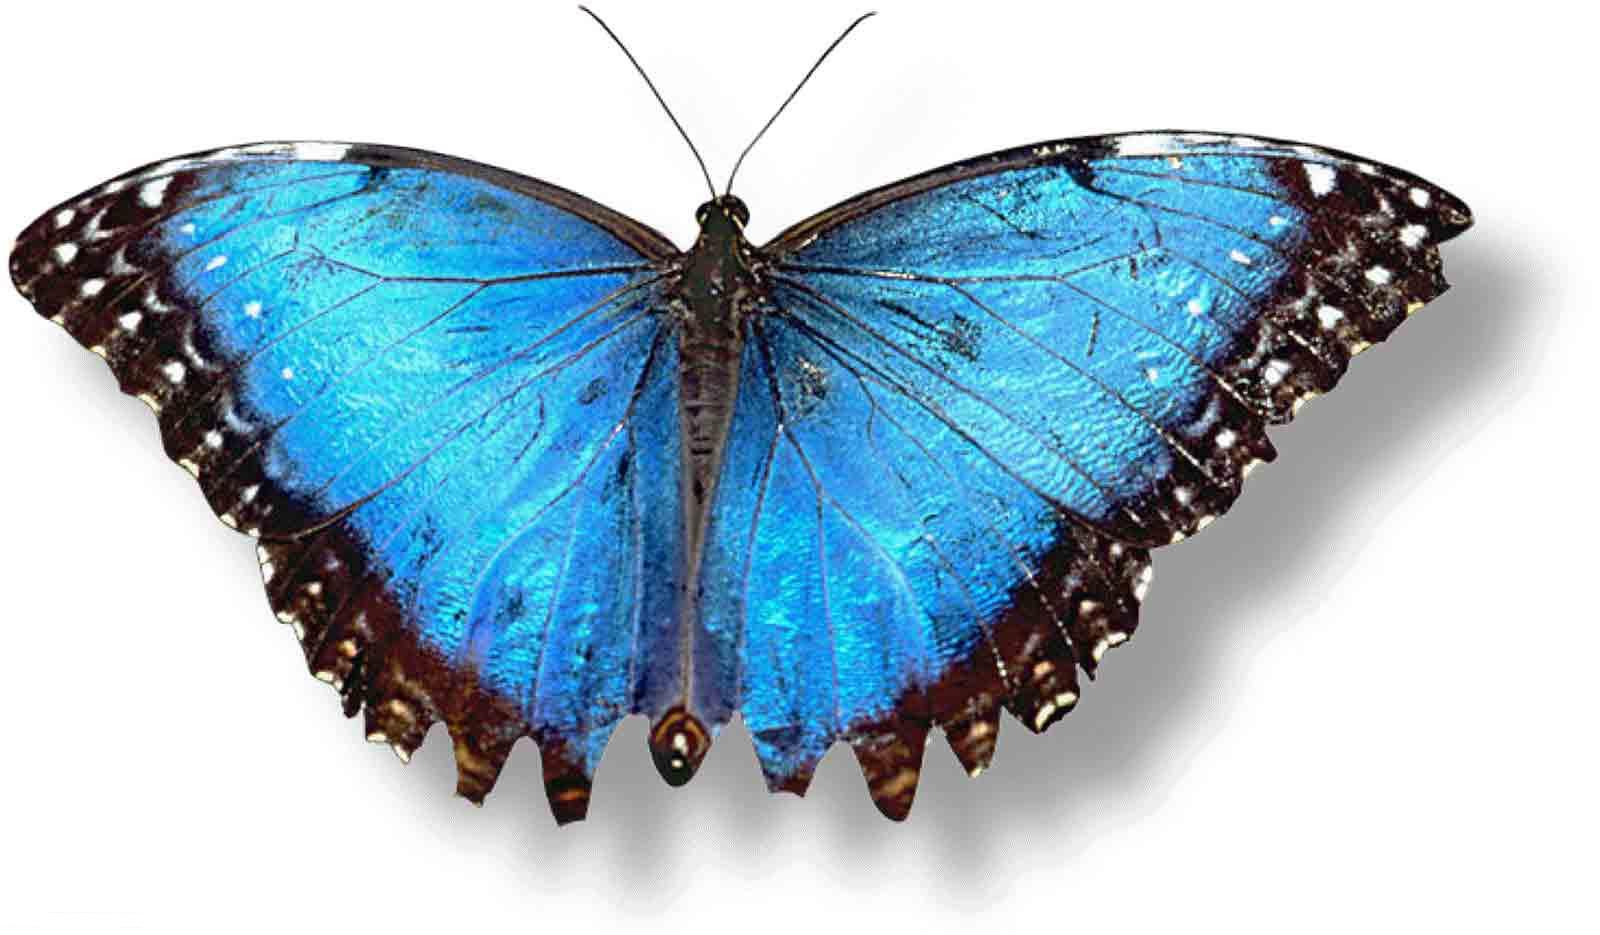 Hd Iphone Wallpapers Fall En G 252 Zel Hd Kelebek Masa 252 St 252 Resimleri Hd Butterfly